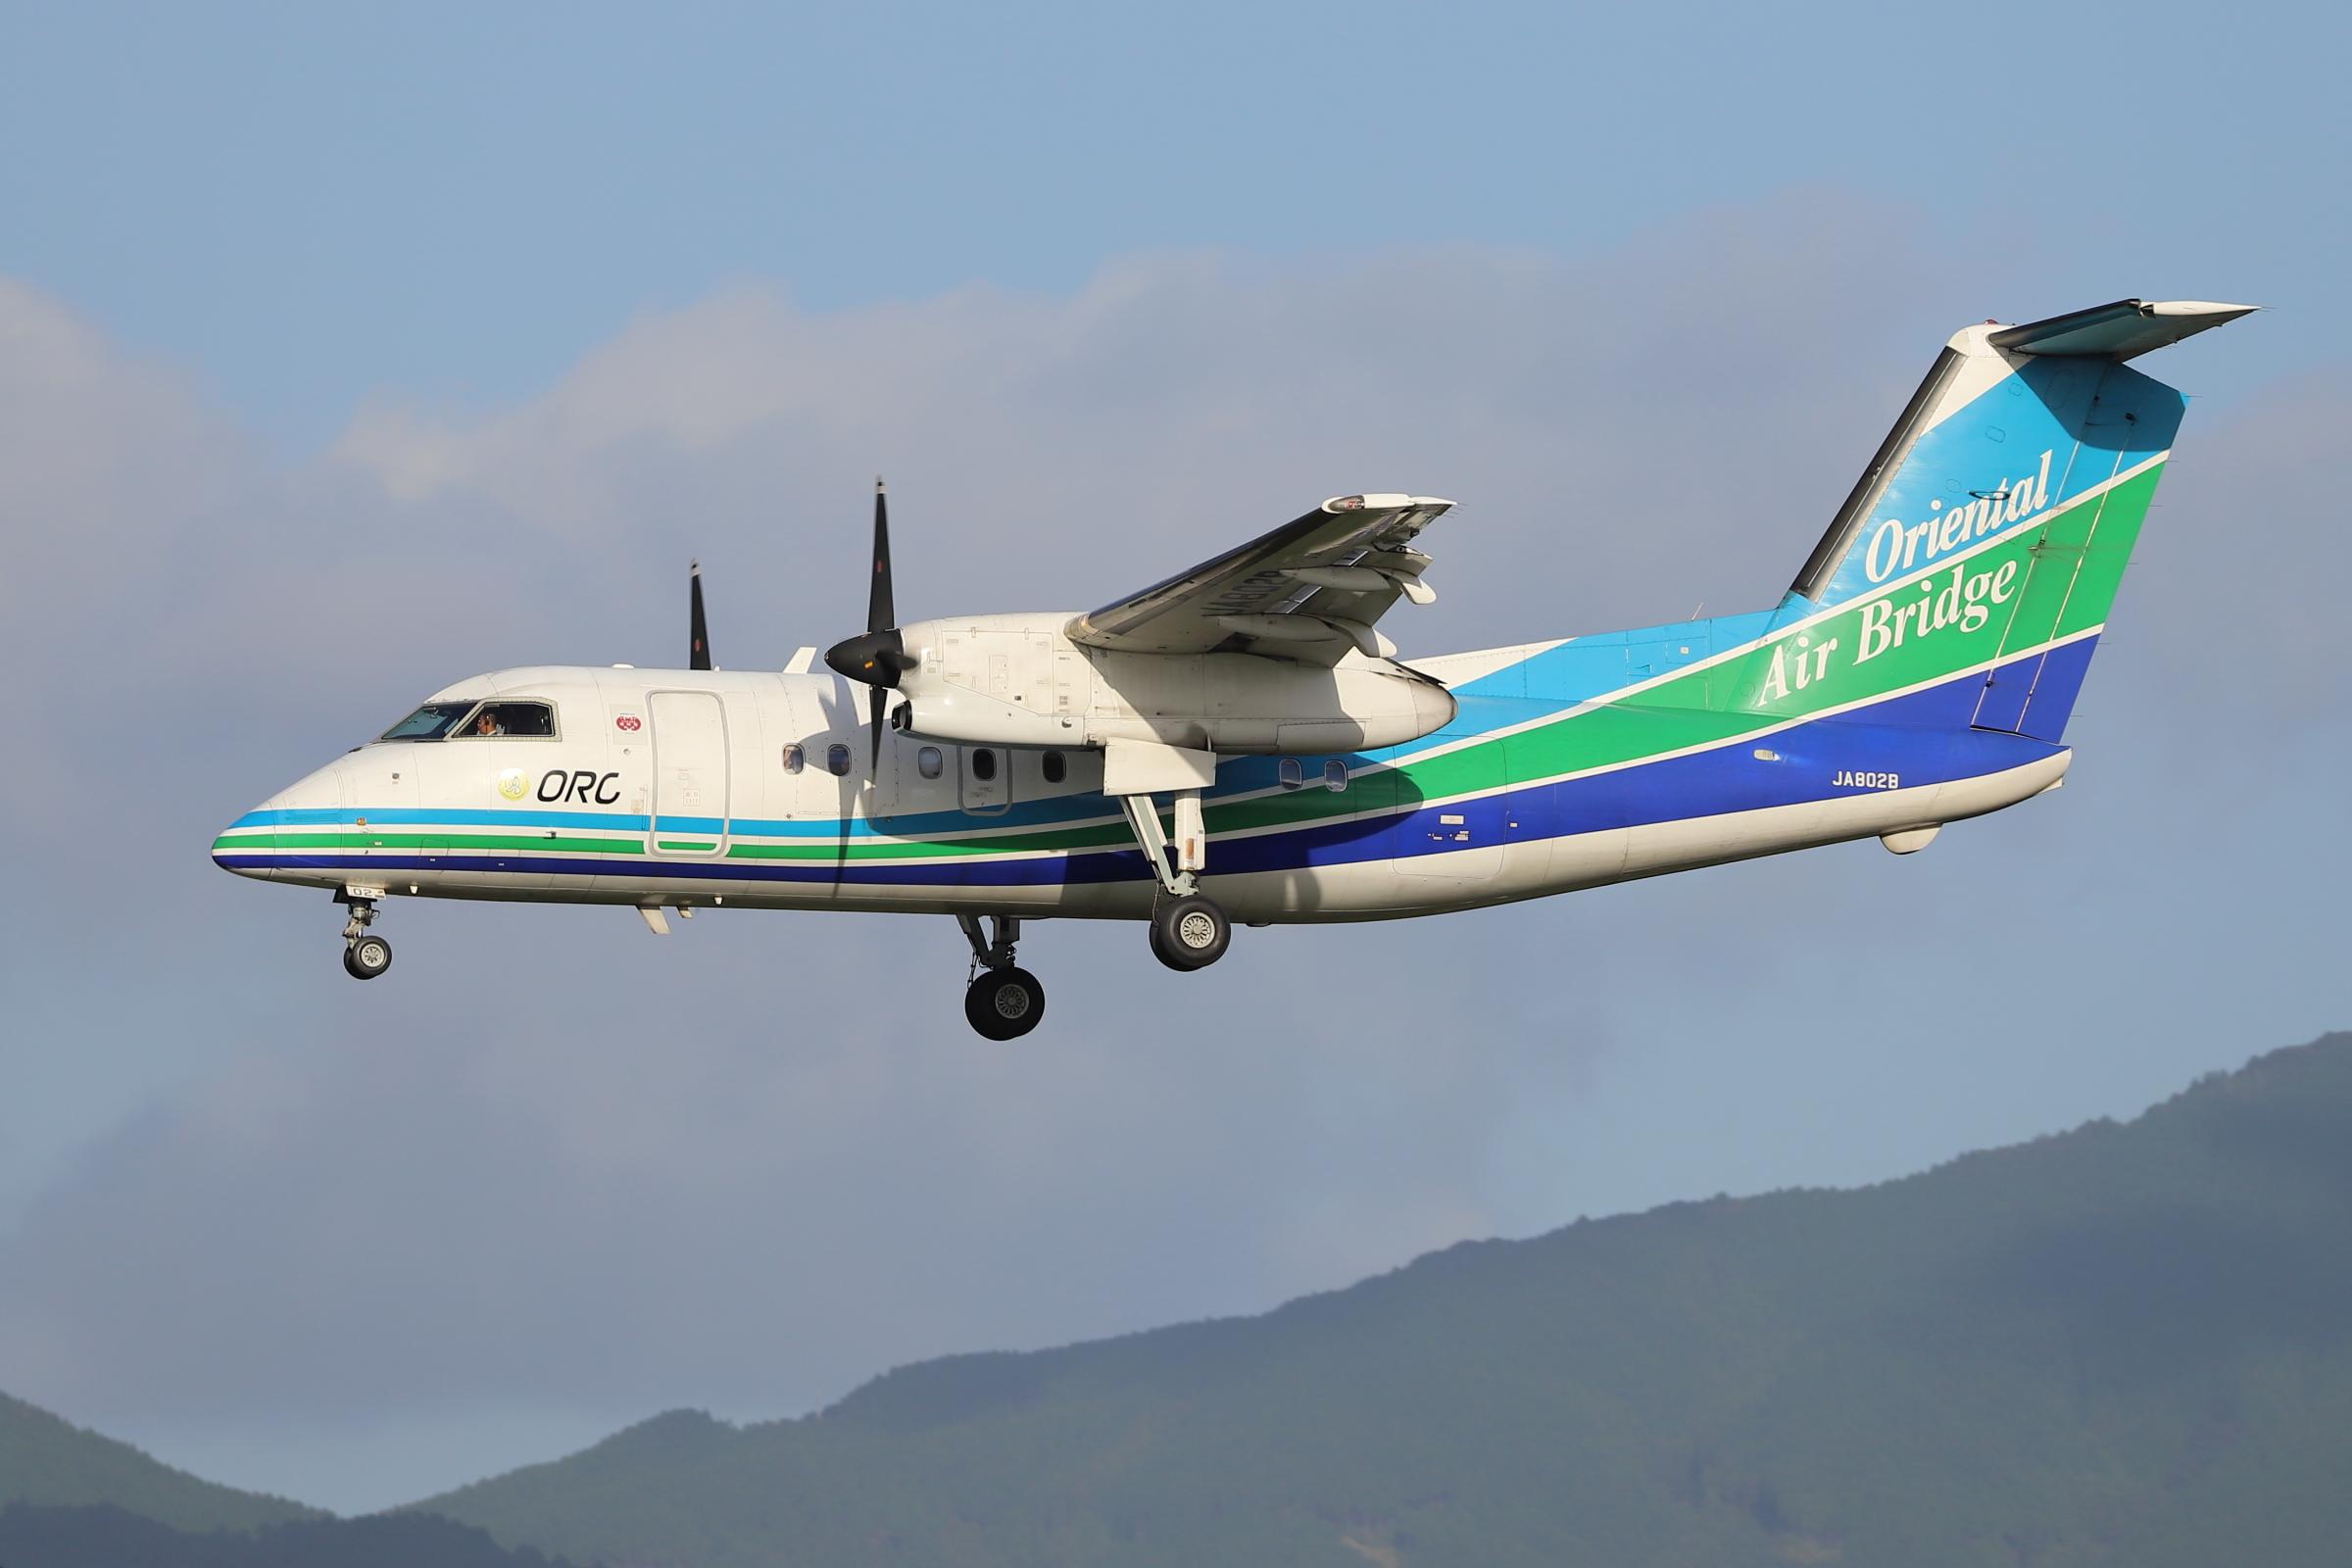 オーストリア航空、7月からタイ、アメリカへ長距離路線の運航を再開